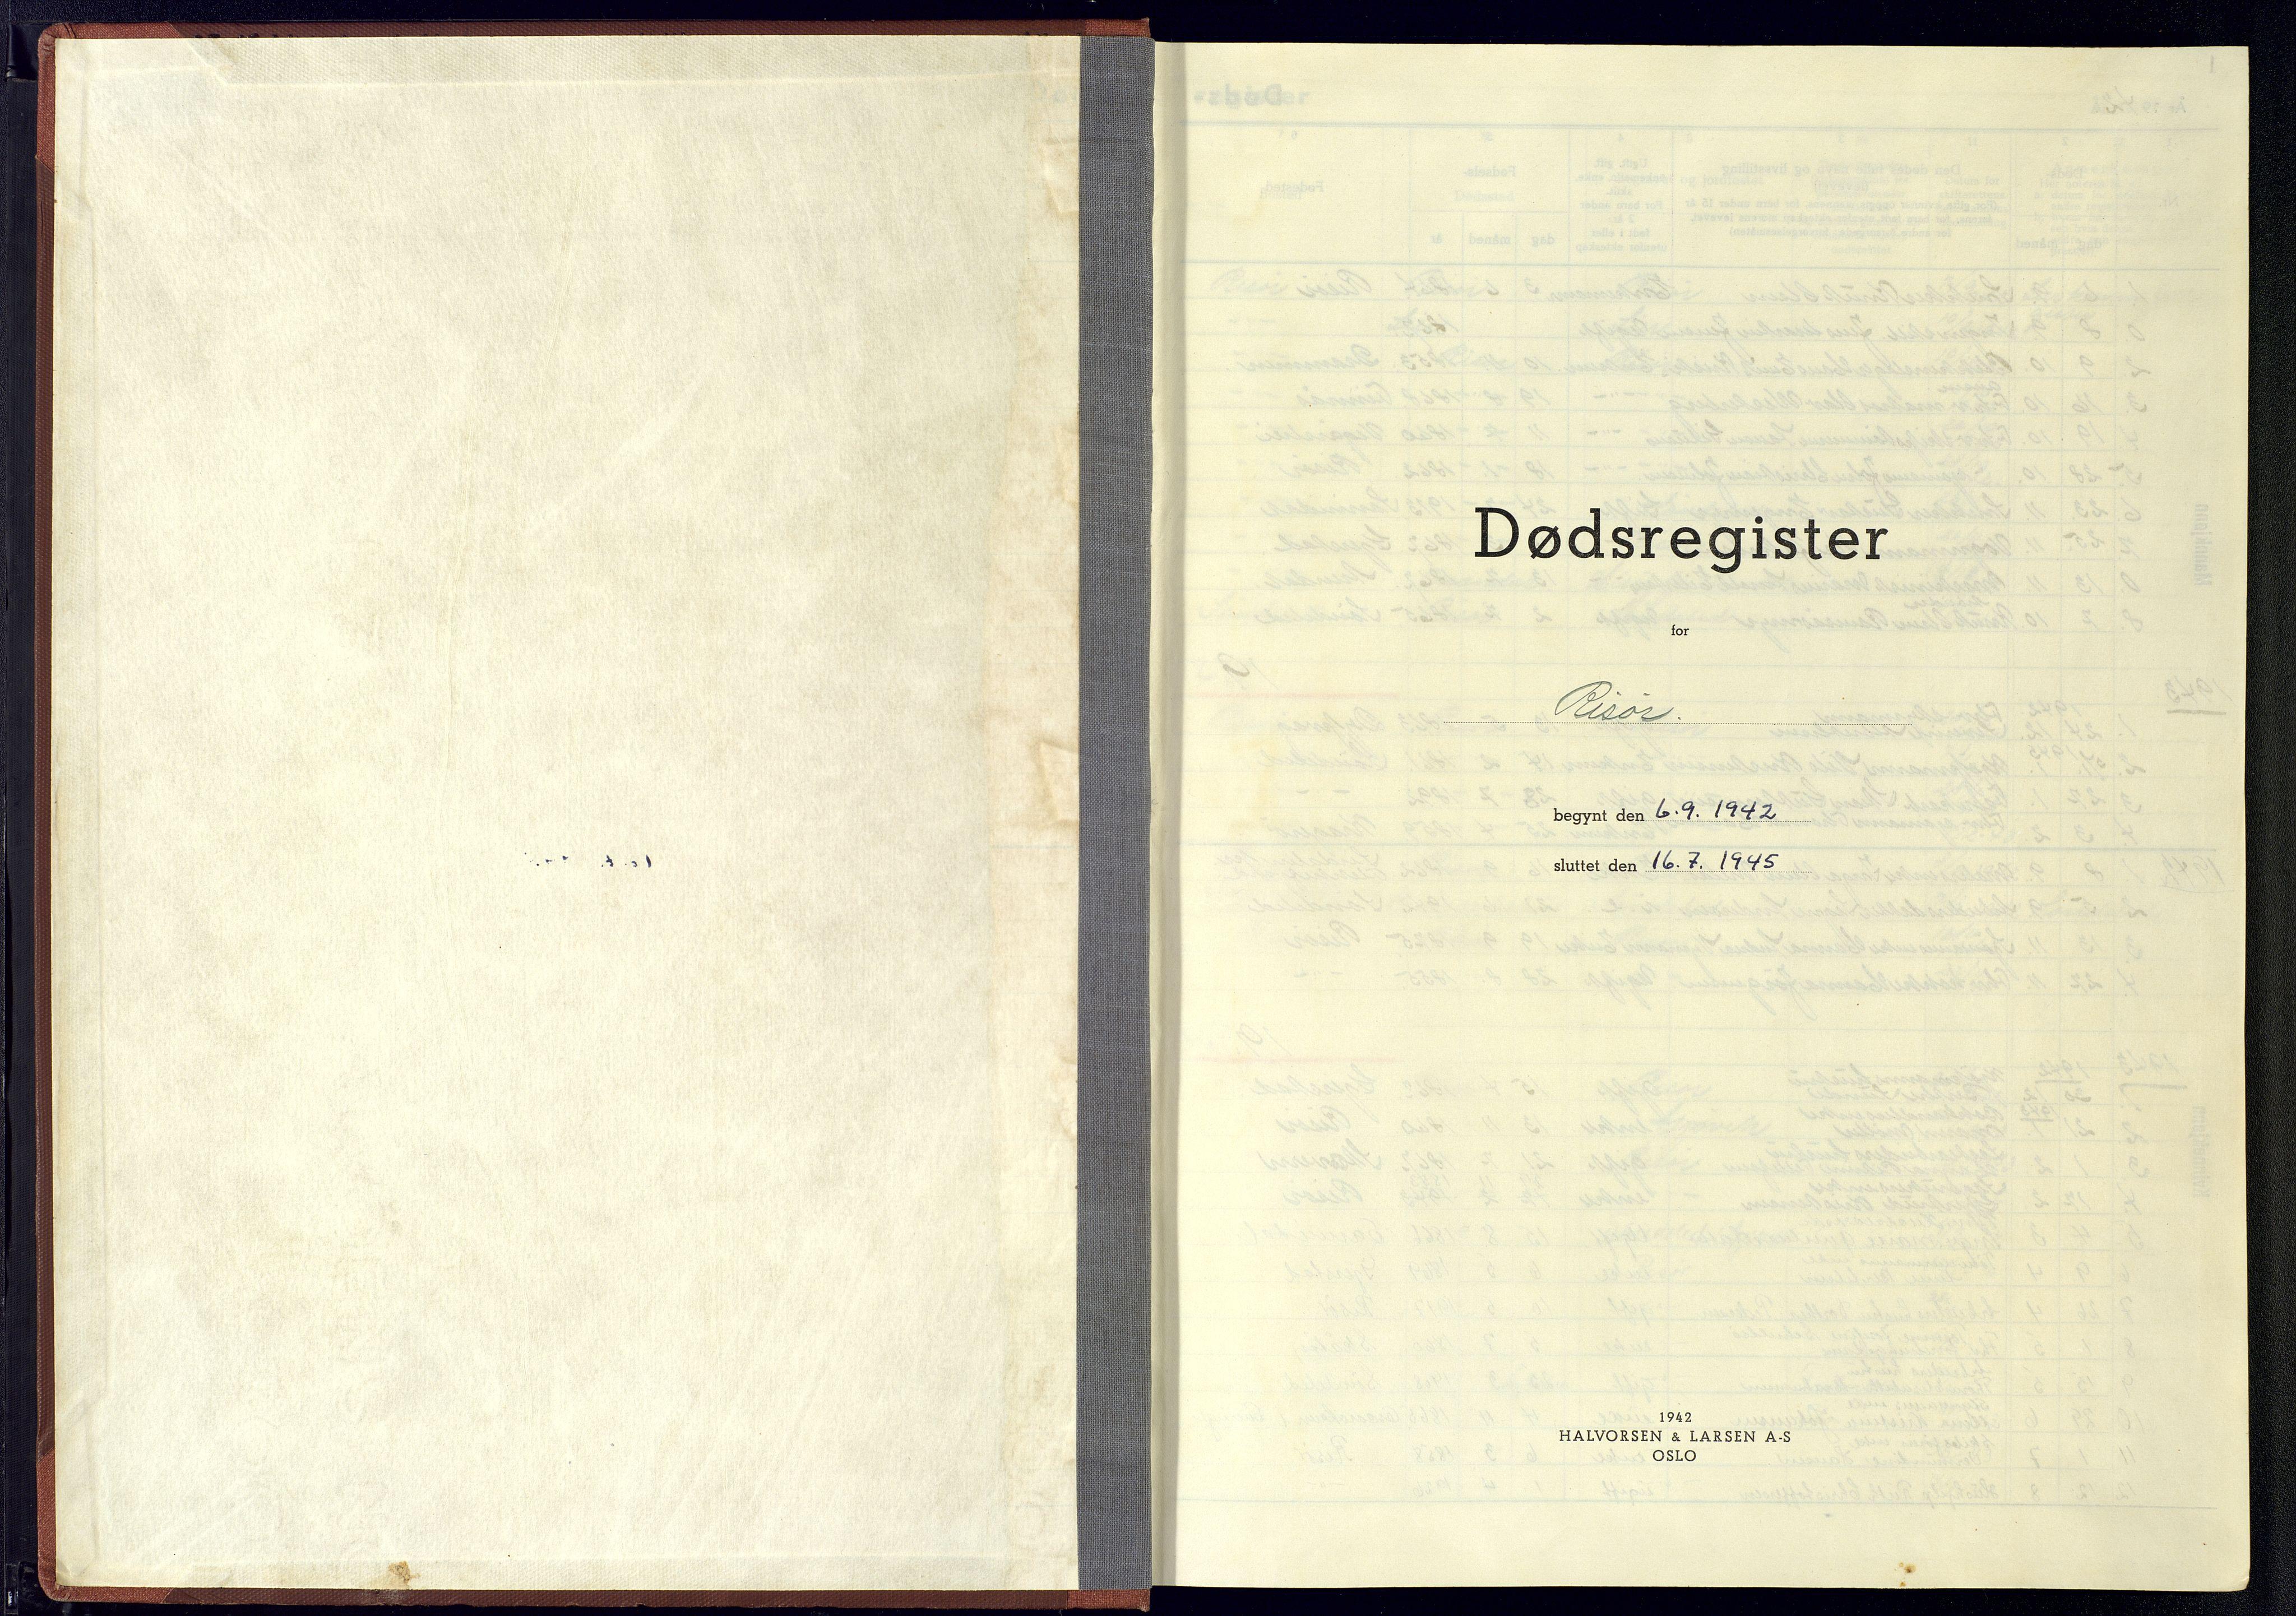 SAK, Risør sokneprestkontor, J/Jb/L0004: A-VI-10 - Dødsfallsregister, 1942-1945